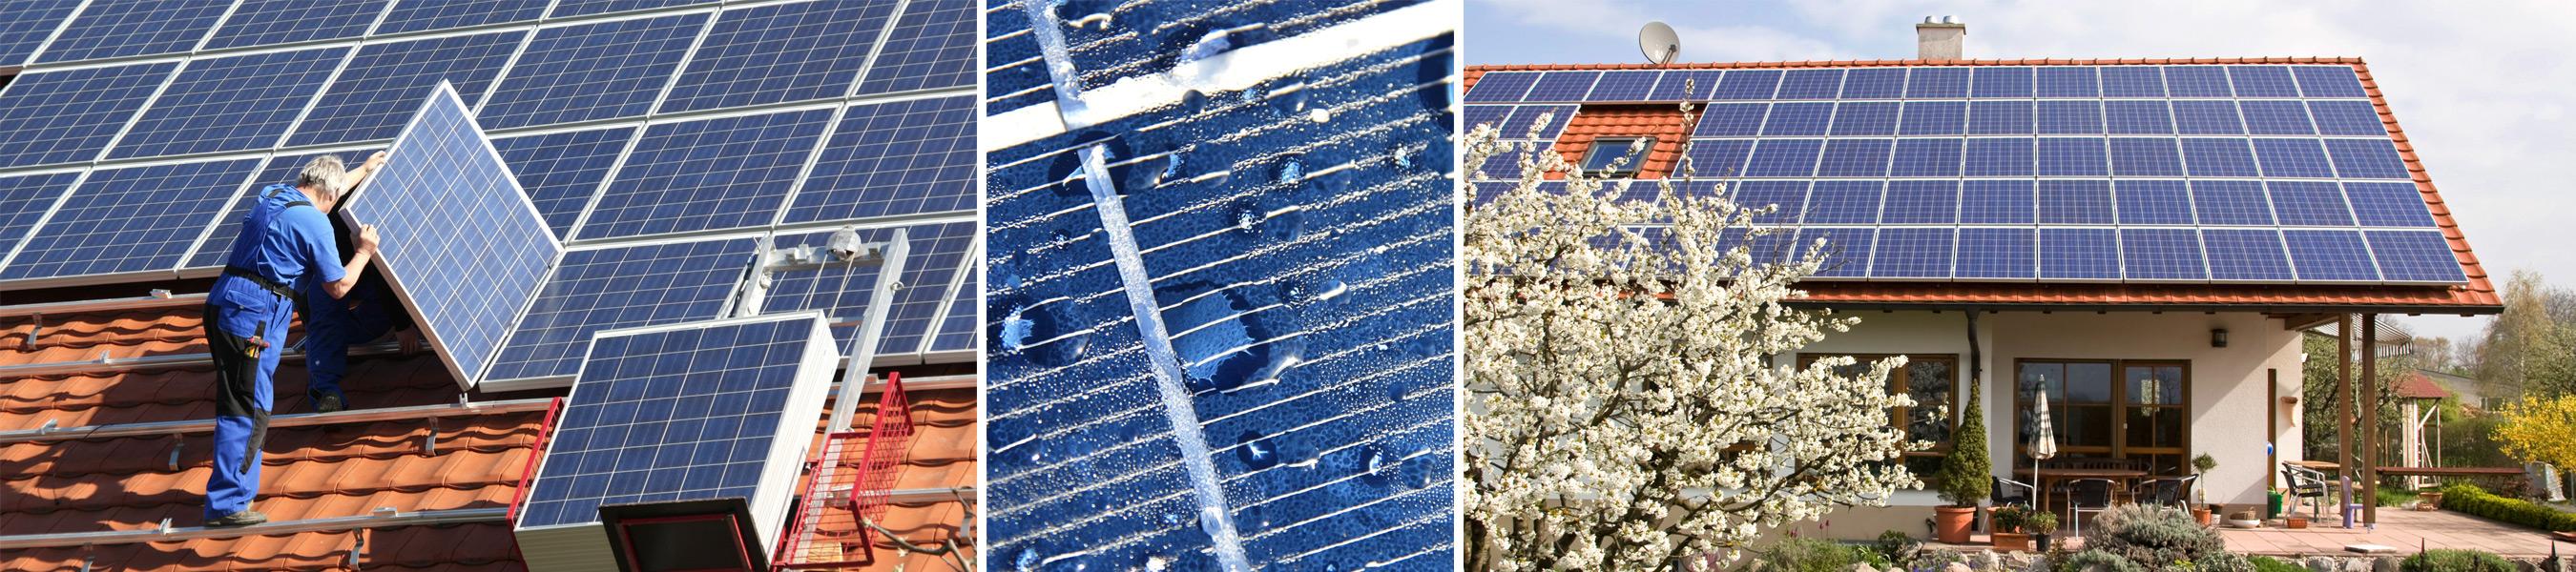 fotovoltaika-02